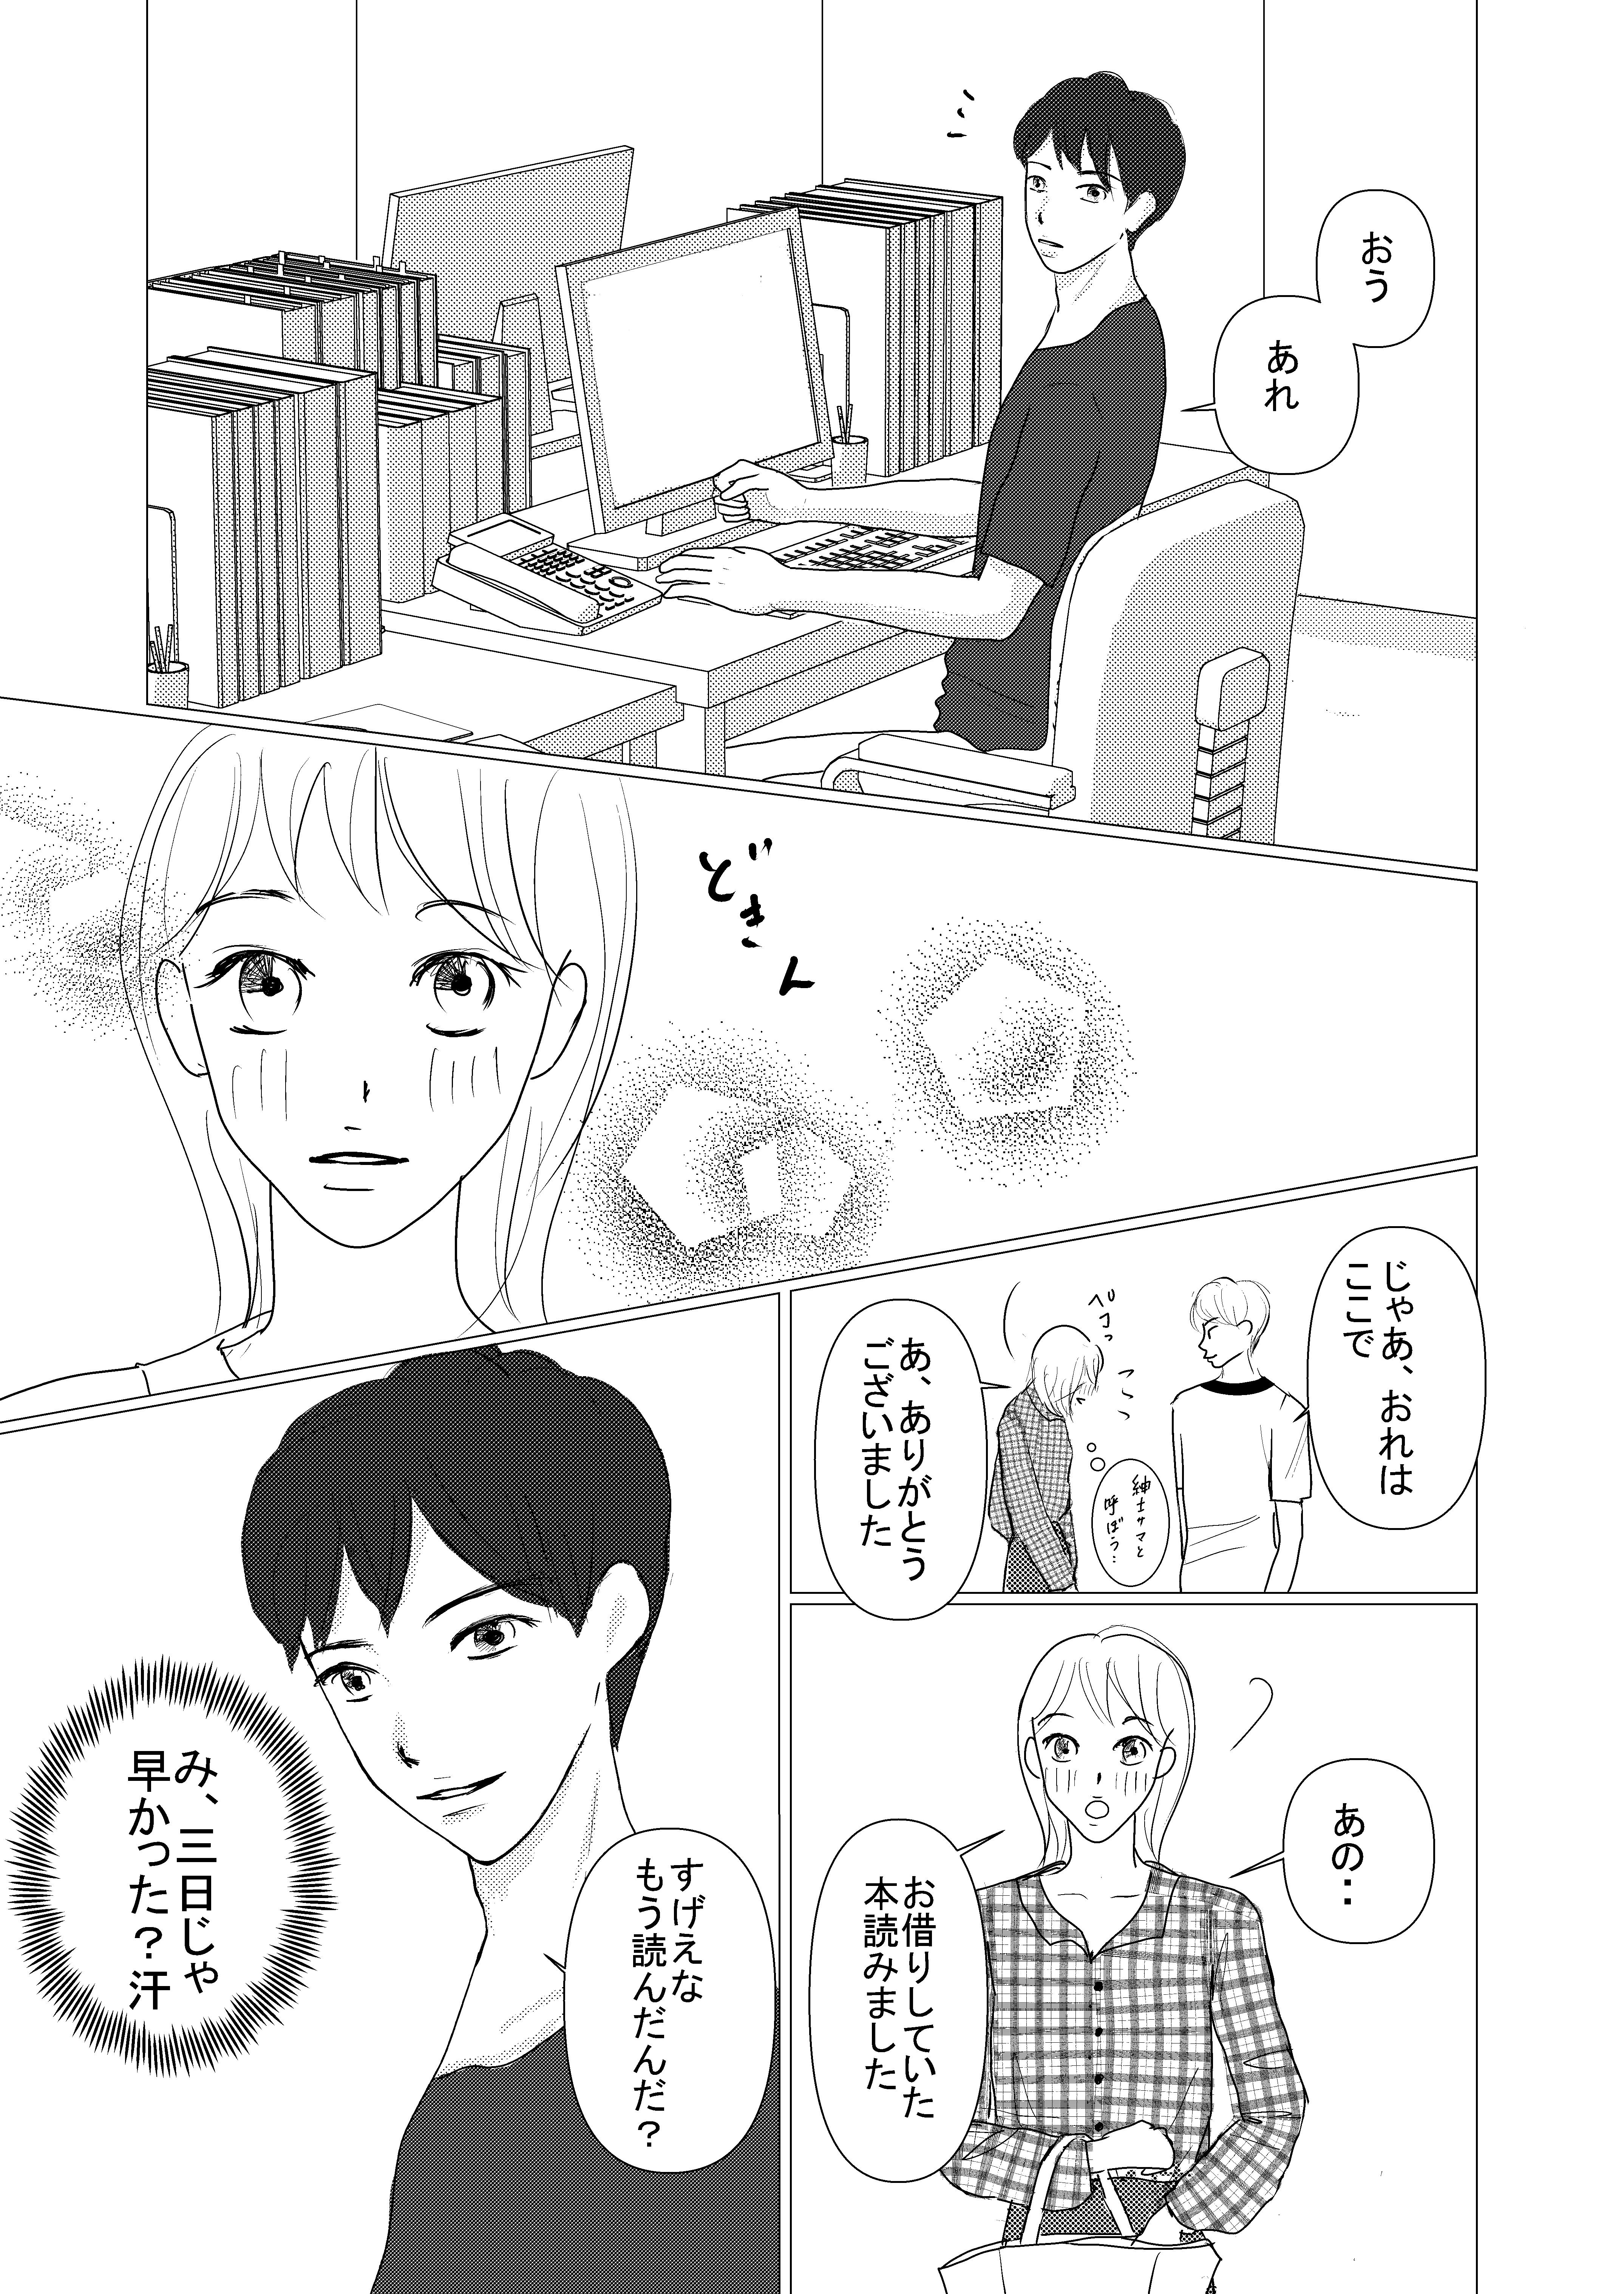 恋愛漫画/大学生/社会人/大学生で初めて付き合う/初めての彼氏/shoujyo manga/米加夢/43ページ